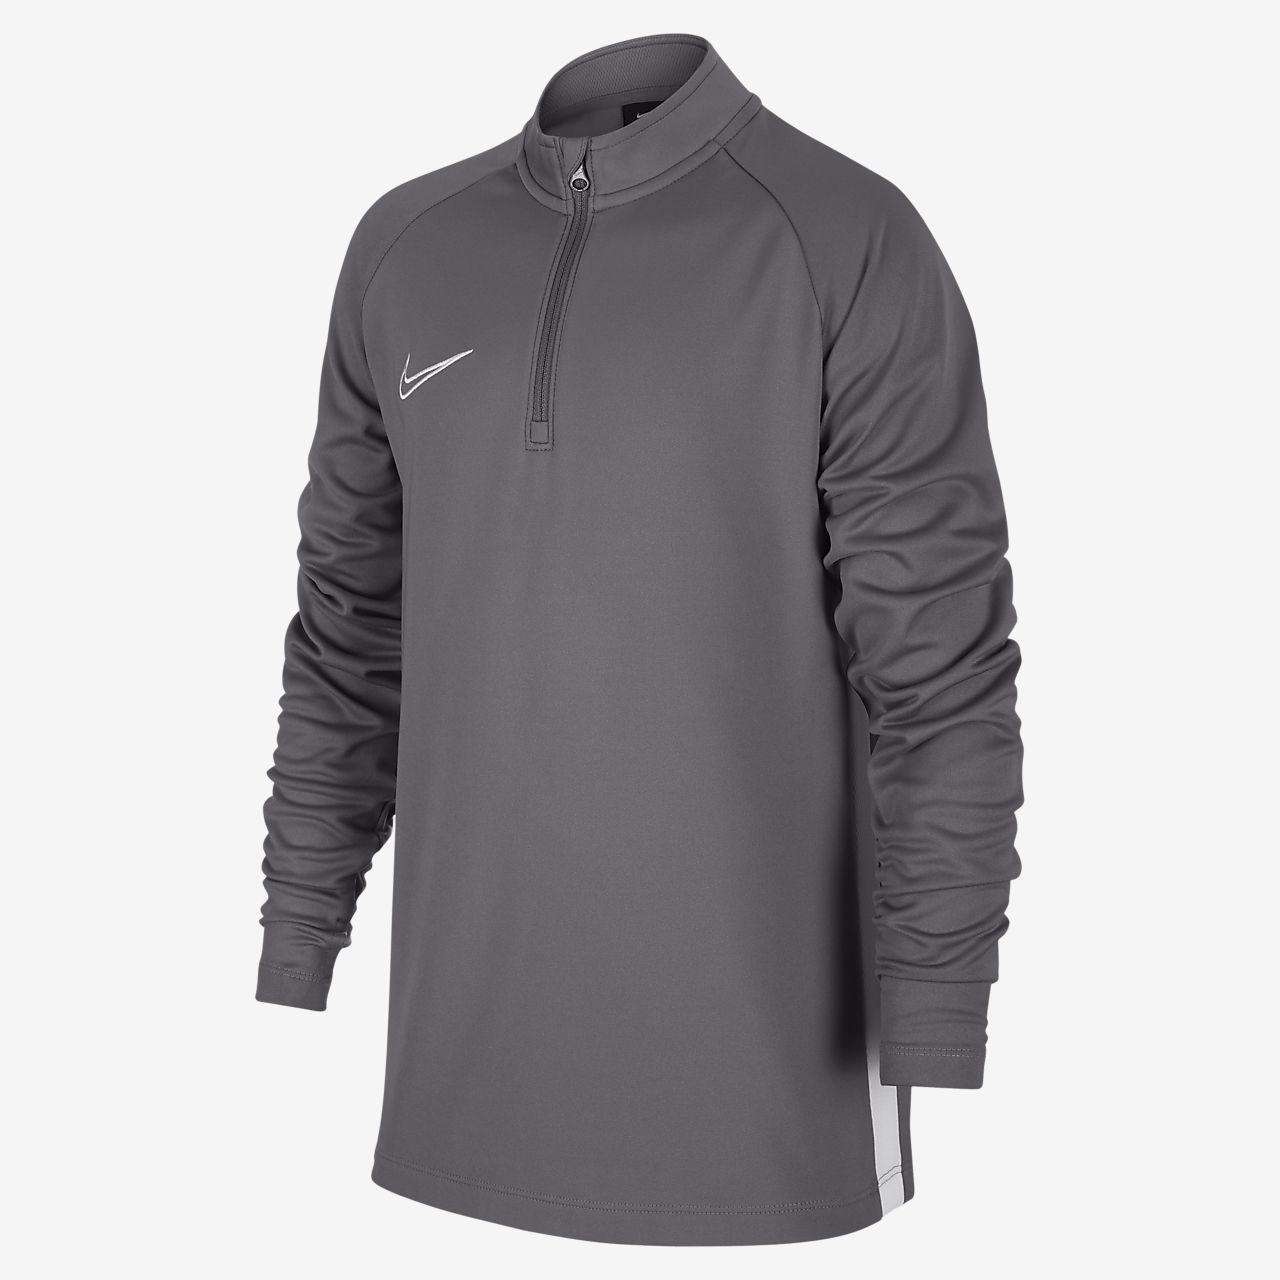 Футболка для футбольного тренинга для школьников Nike Dri-FIT Academy